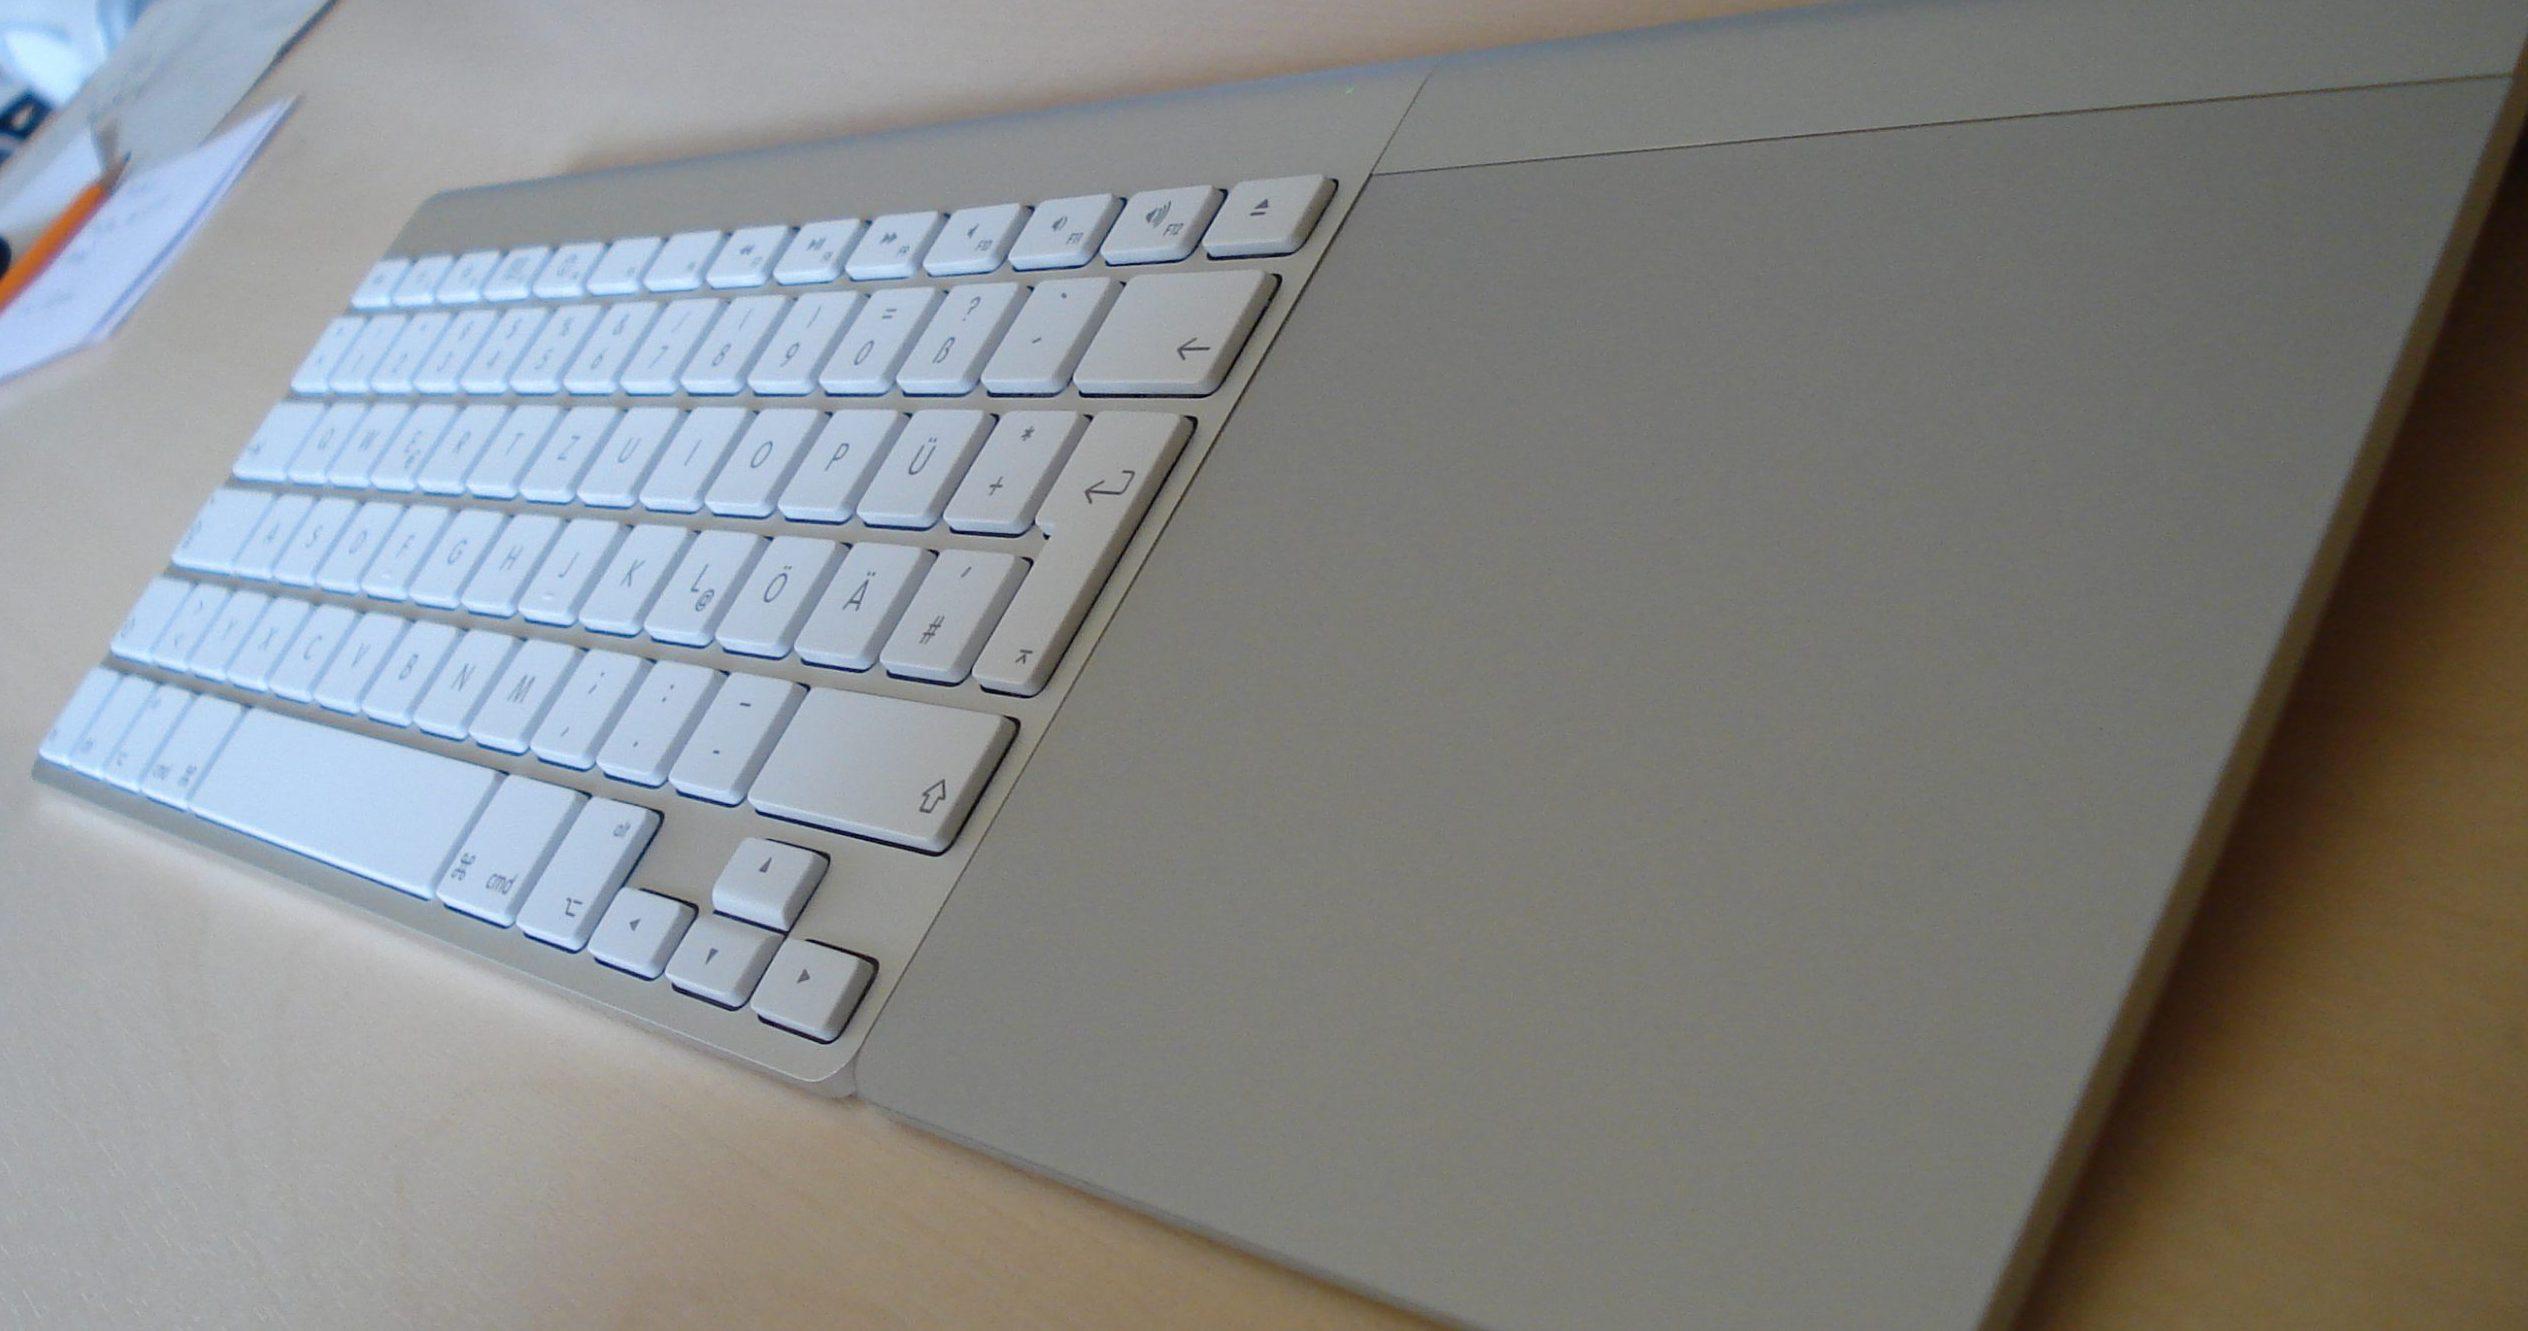 keyboard with trackpad